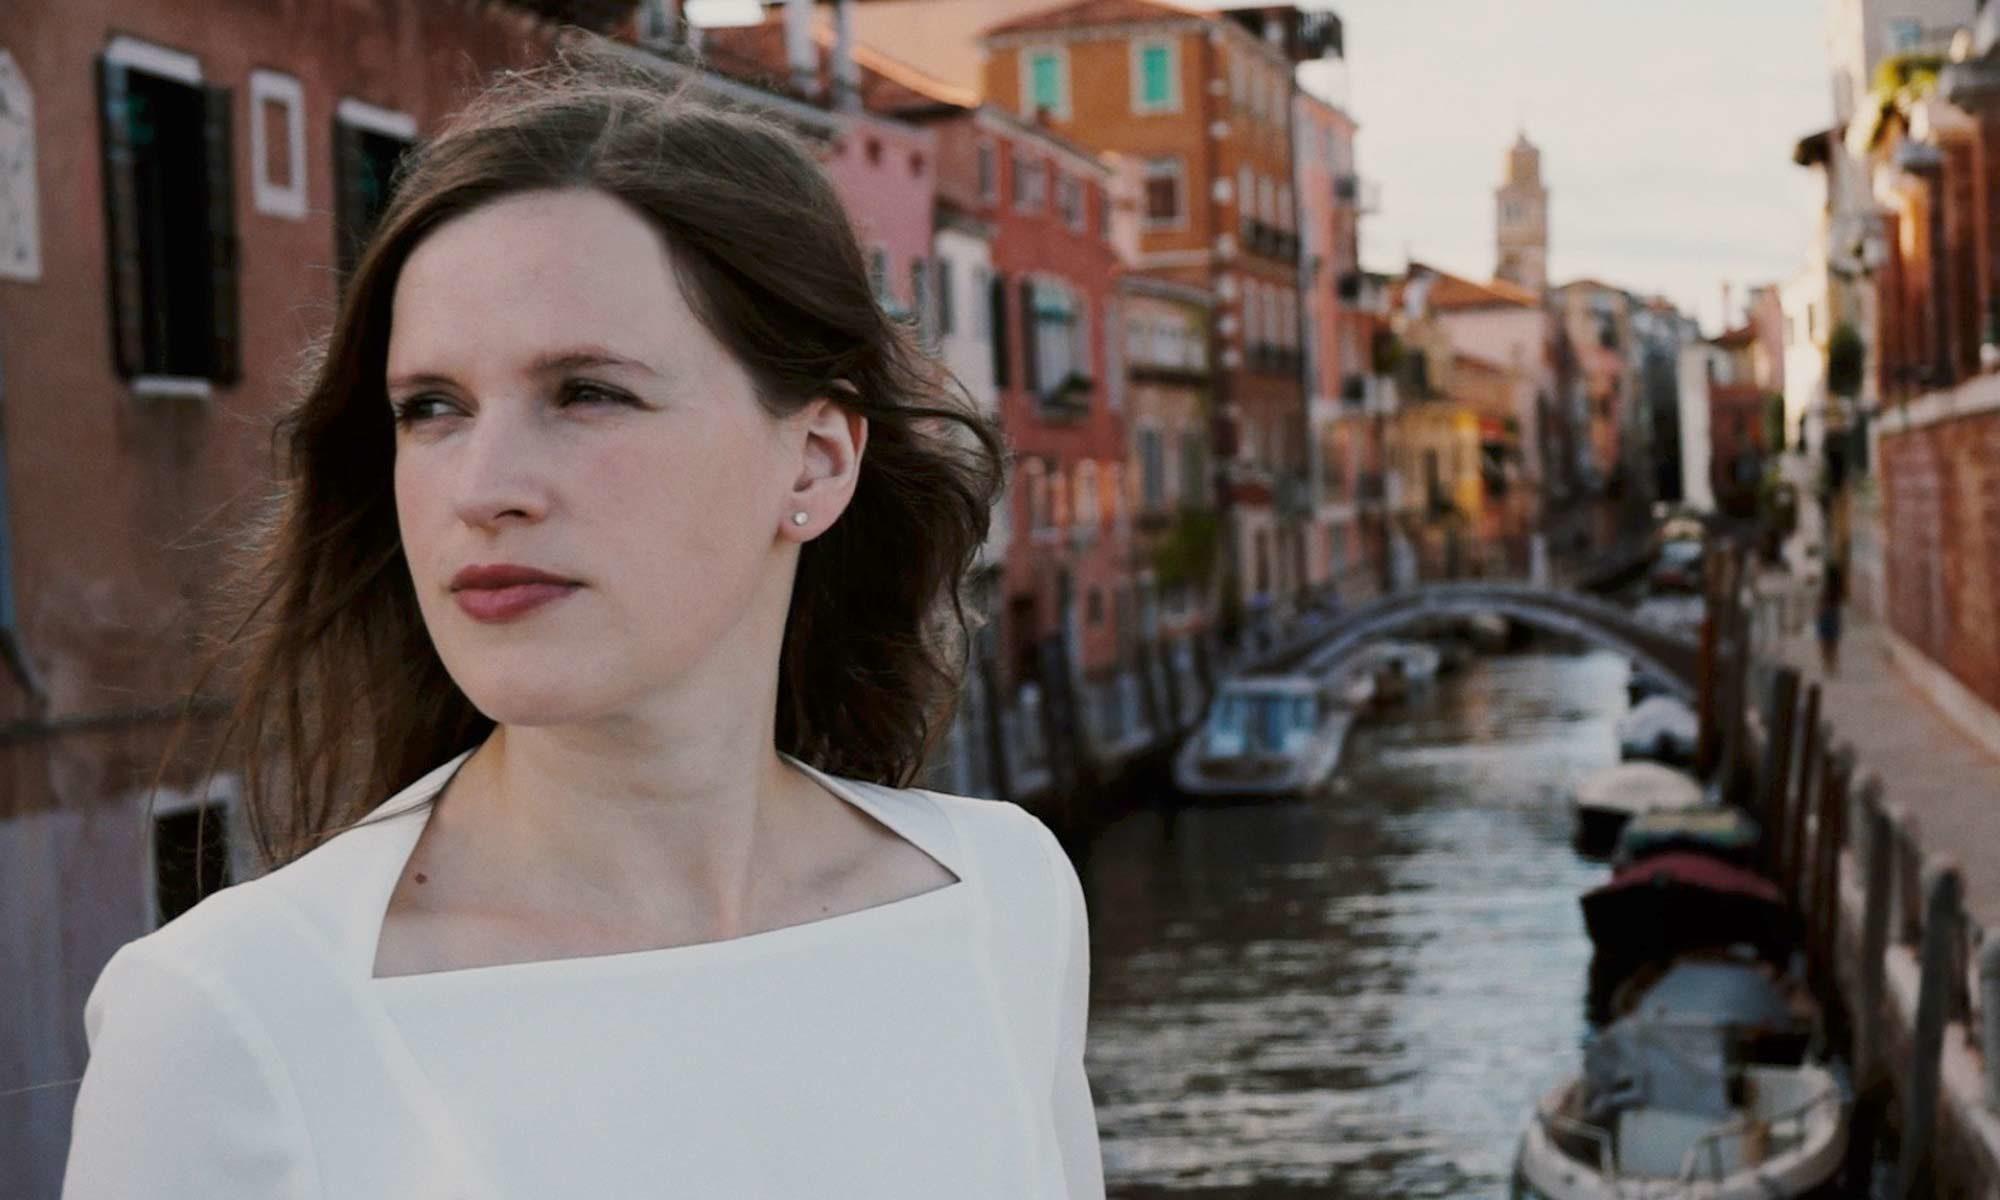 Maaike Siegerist in Venice